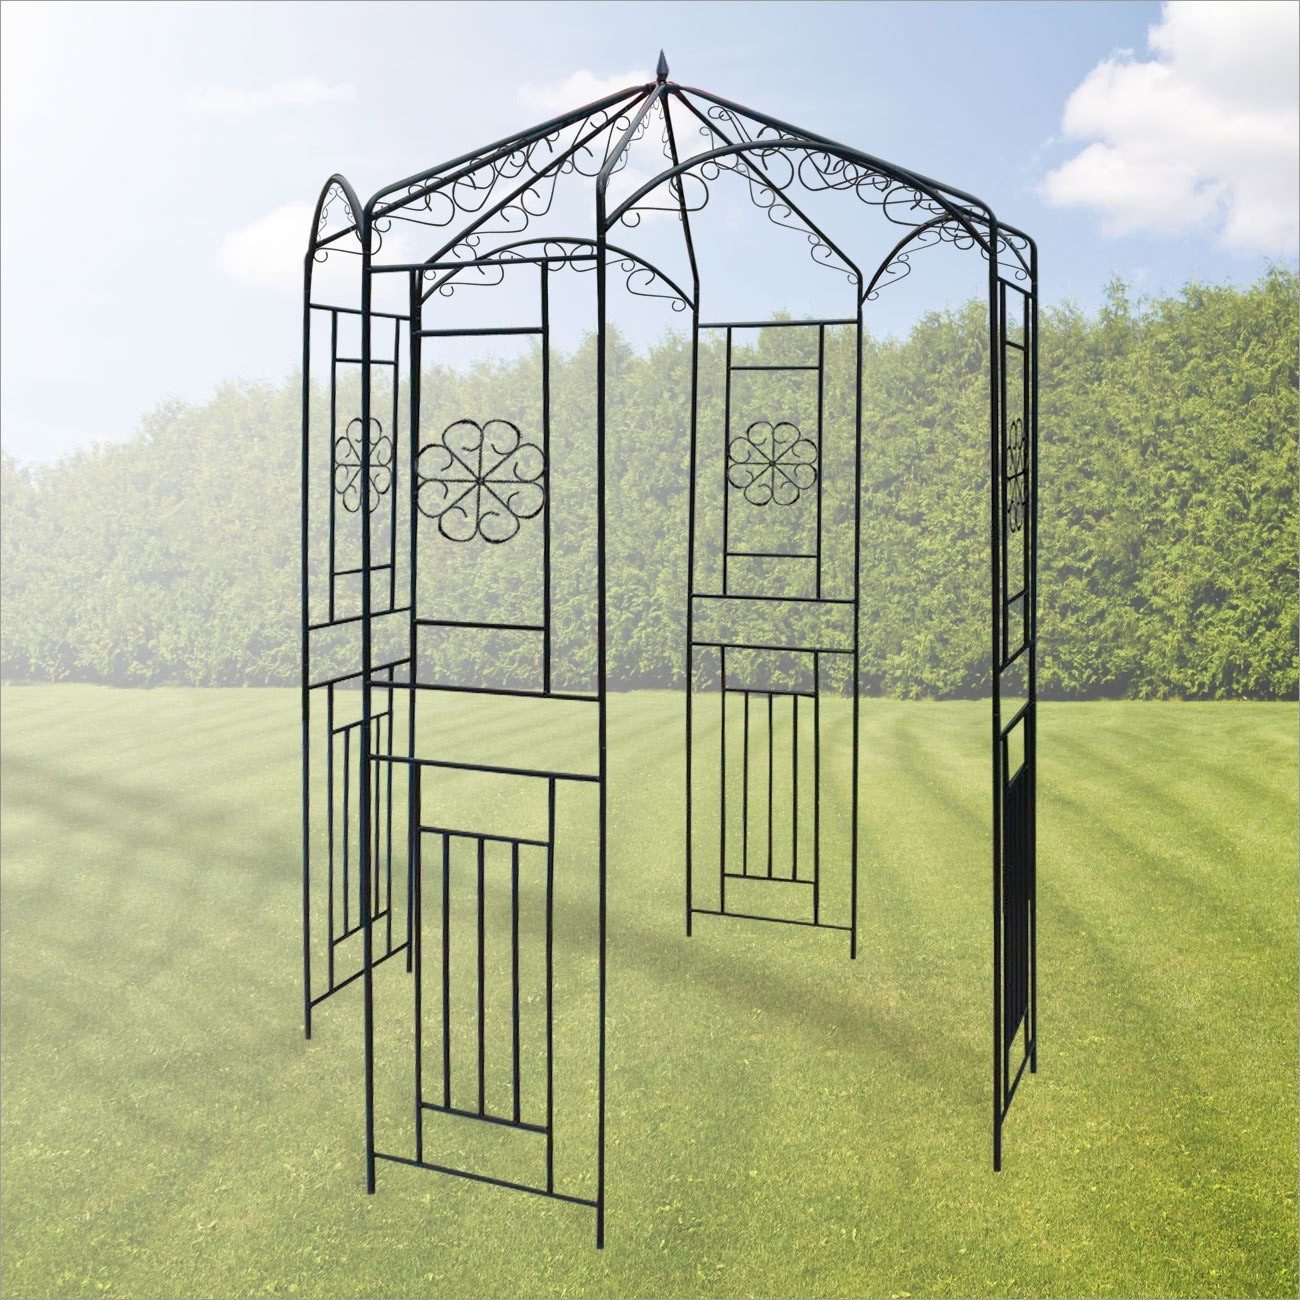 Full Size of Gartenpavillon Metall Pavillon Wien 160x160x250 Cm Regal Weiß Regale Bett Wohnzimmer Gartenpavillon Metall